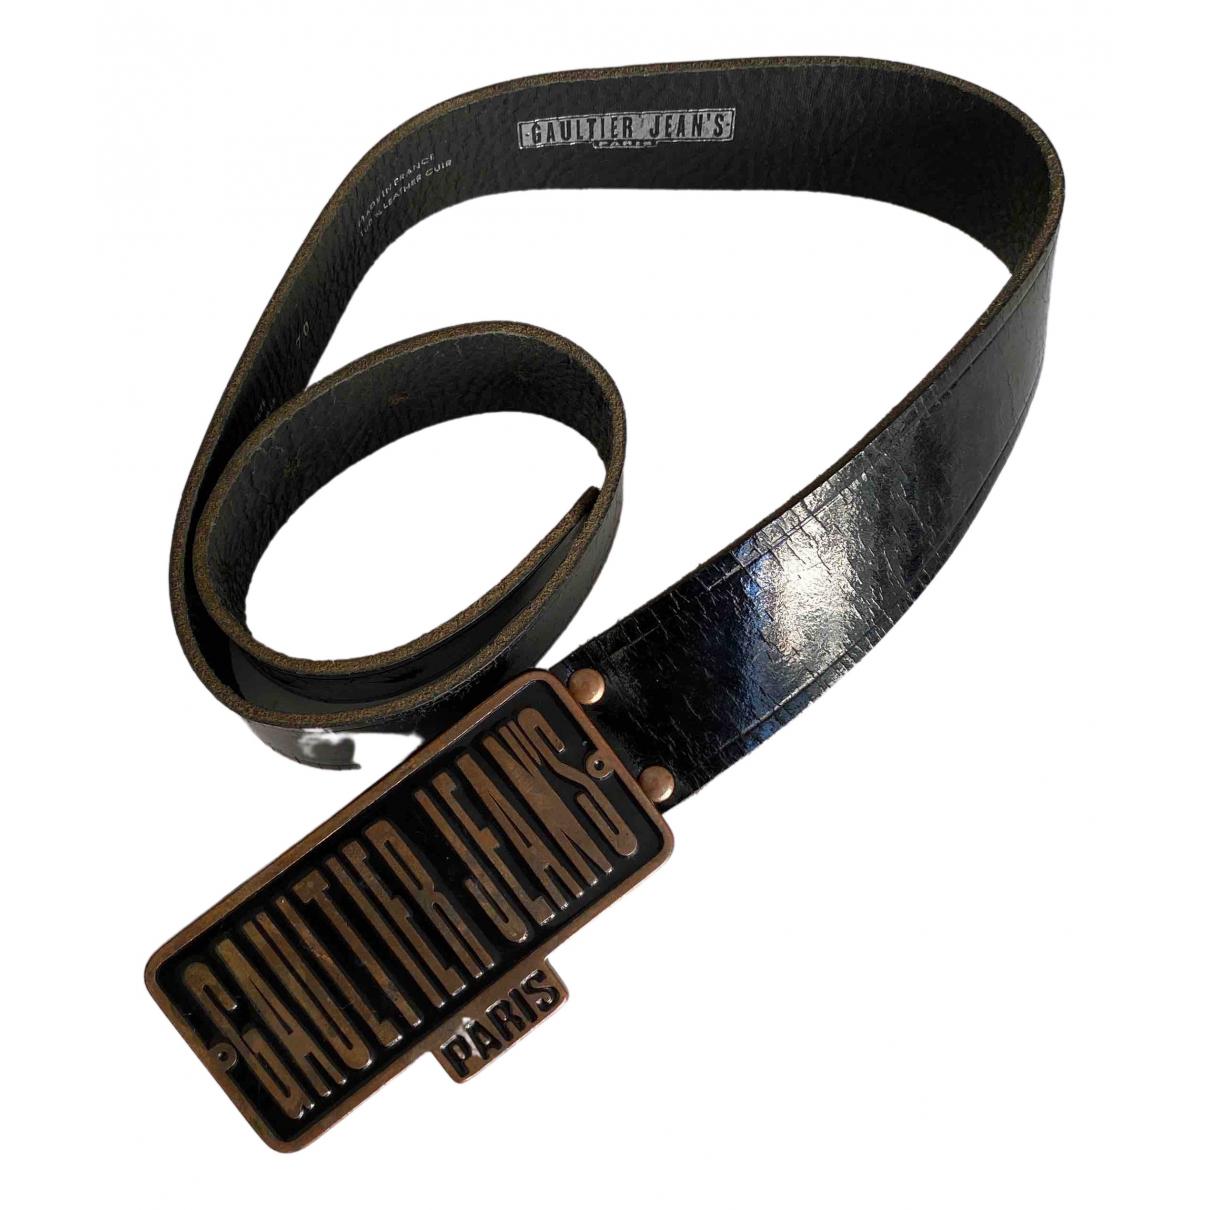 Jean Paul Gaultier \N Black Patent leather belt for Women 70 cm